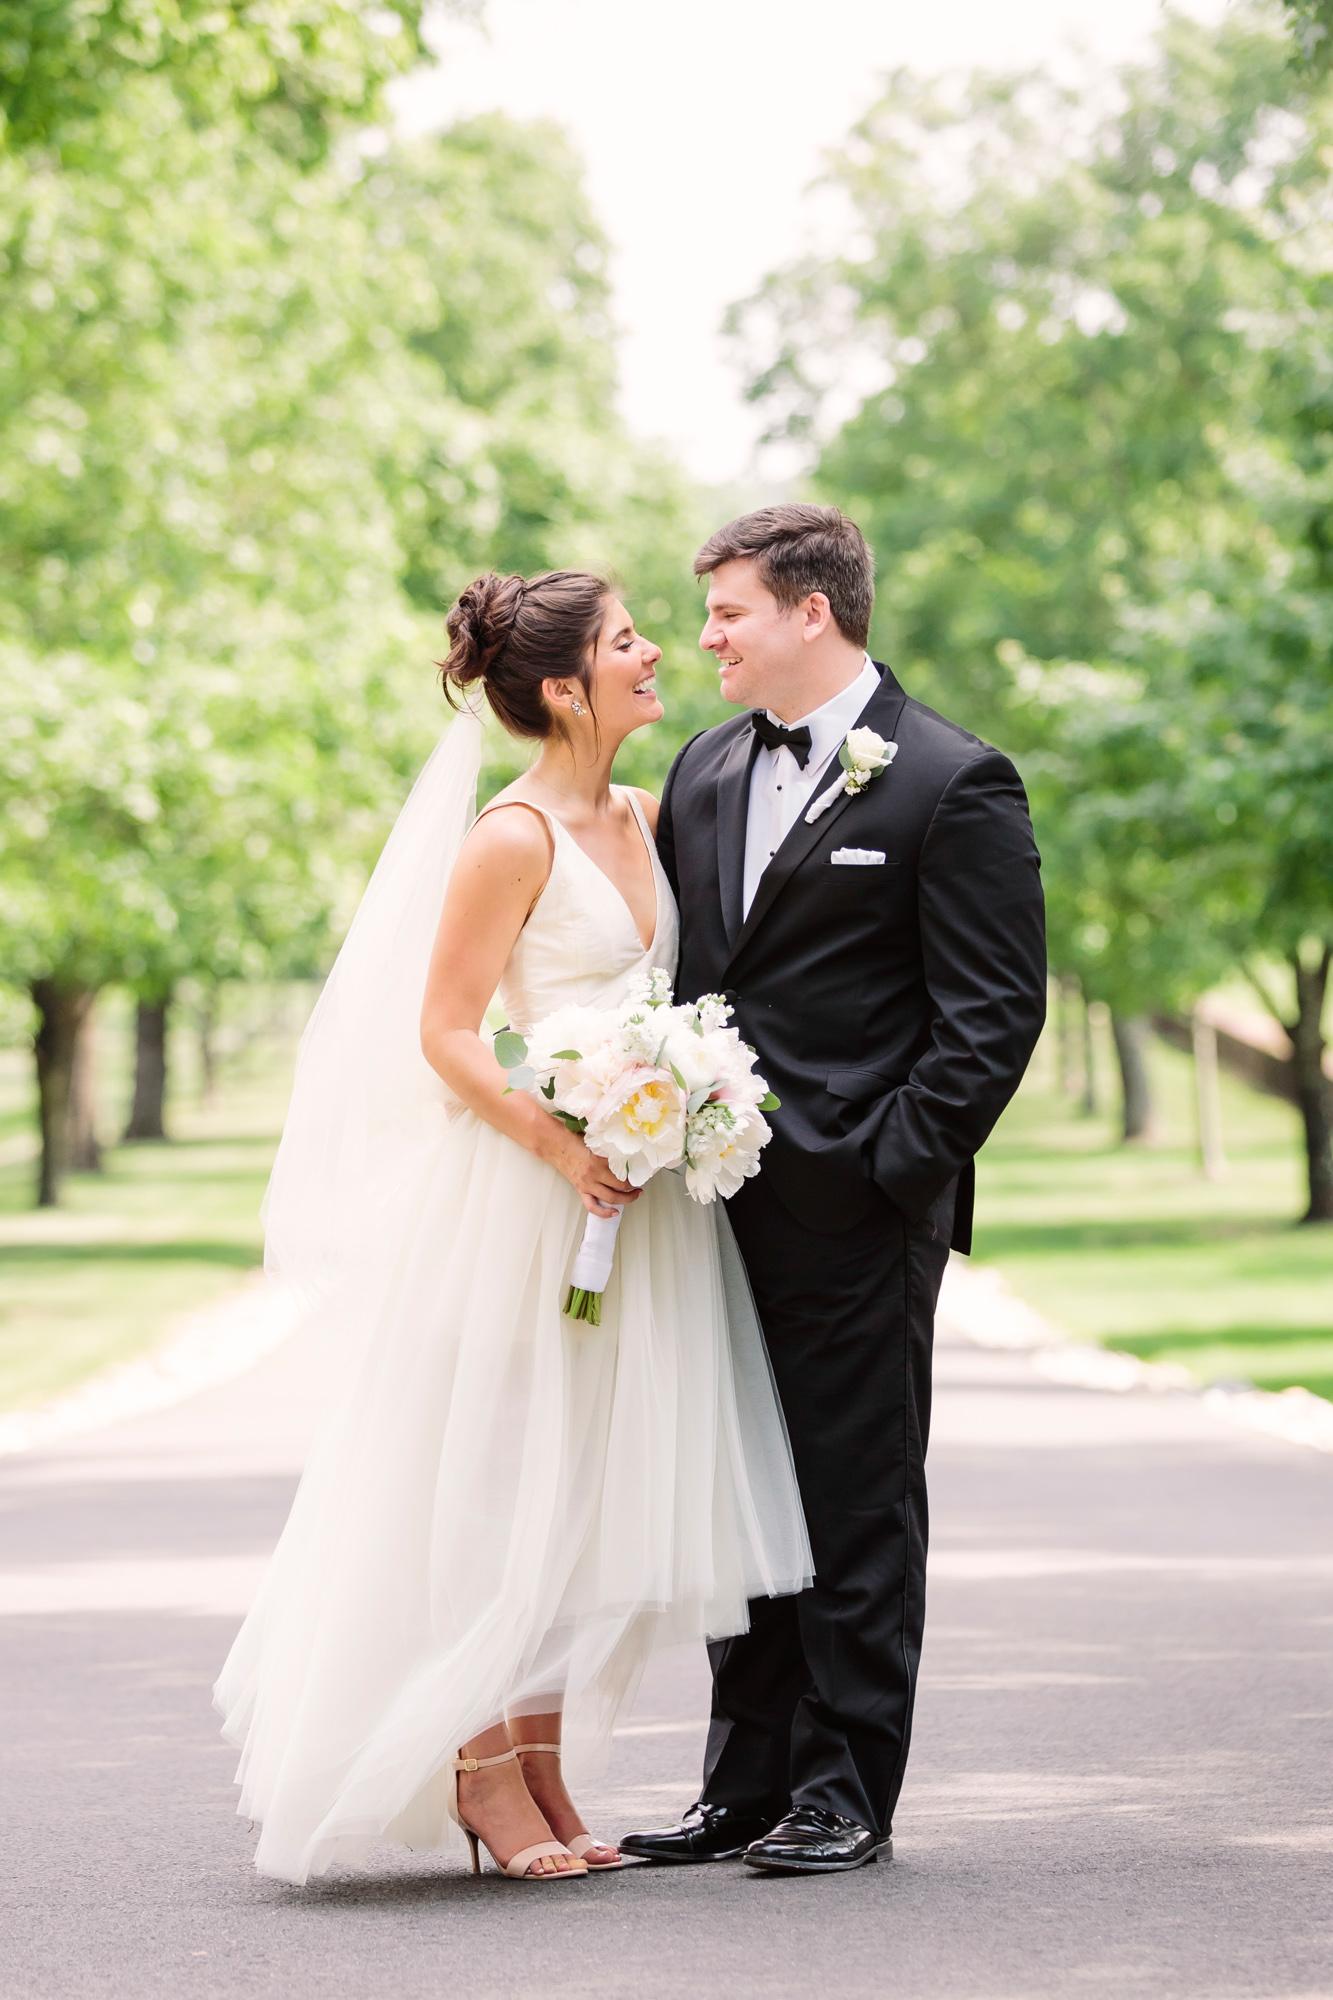 20_Jackie_PJ_Hamilton_Farm_Golf_Club_Wedding_NJ_Tanya_Salazar_Photography_292.jpg